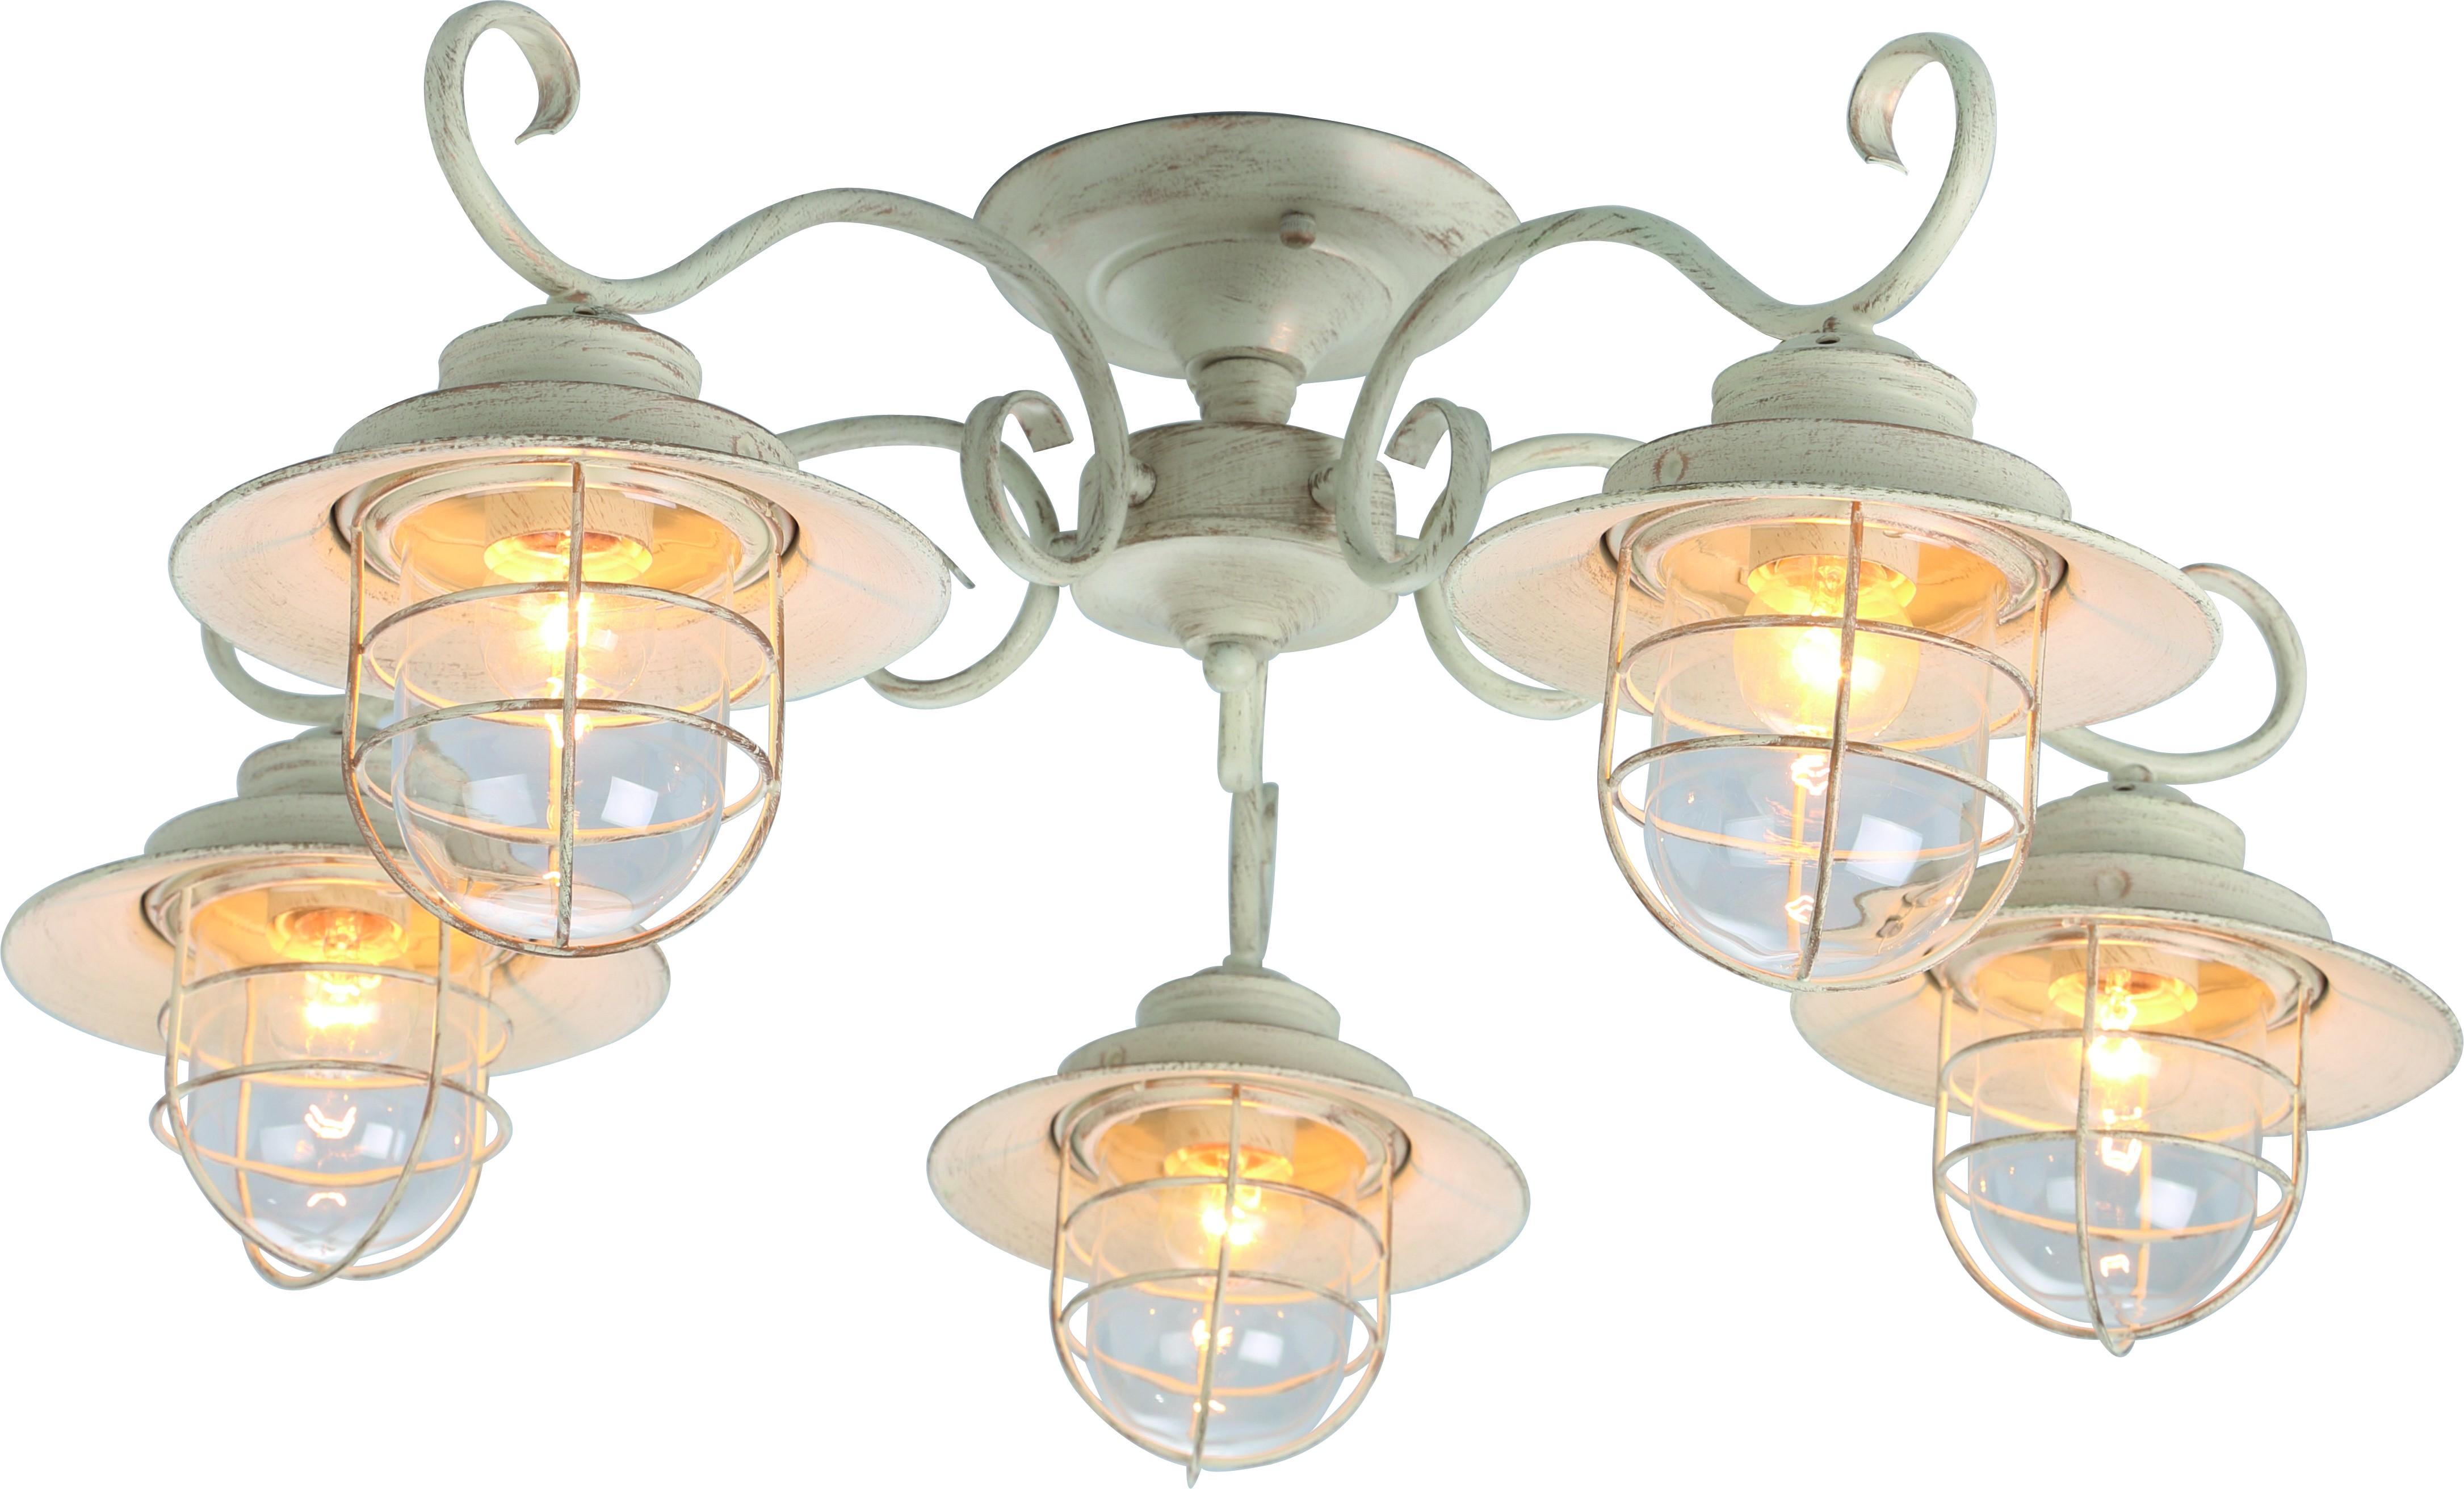 Люстра Arte lamp A4579pl-5wg aeg pl 750